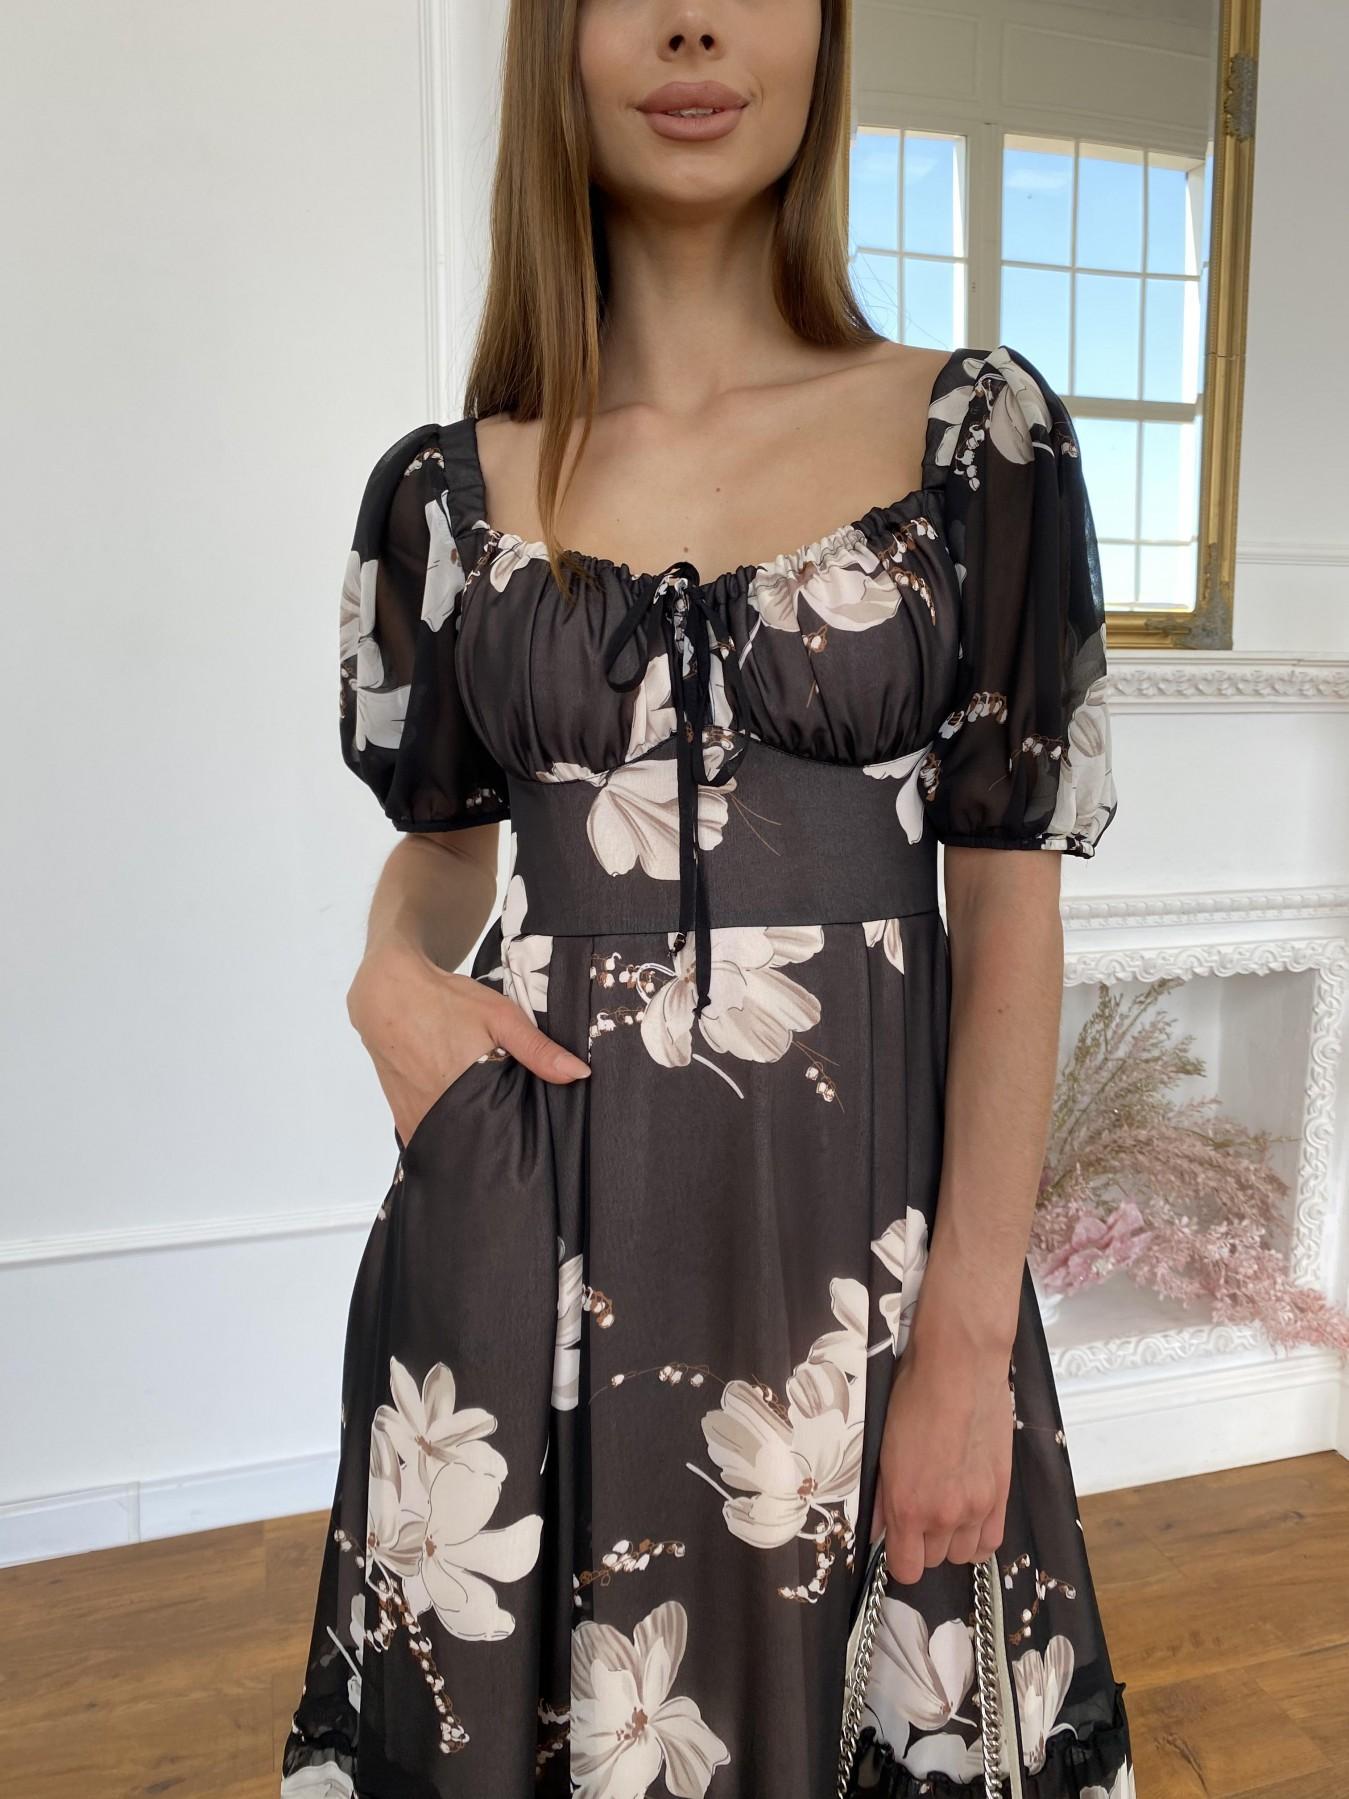 Лоретта платье из шифона в принт 11468 АРТ. 48054 Цвет: Черный/КрупБежевЦветок - фото 10, интернет магазин tm-modus.ru